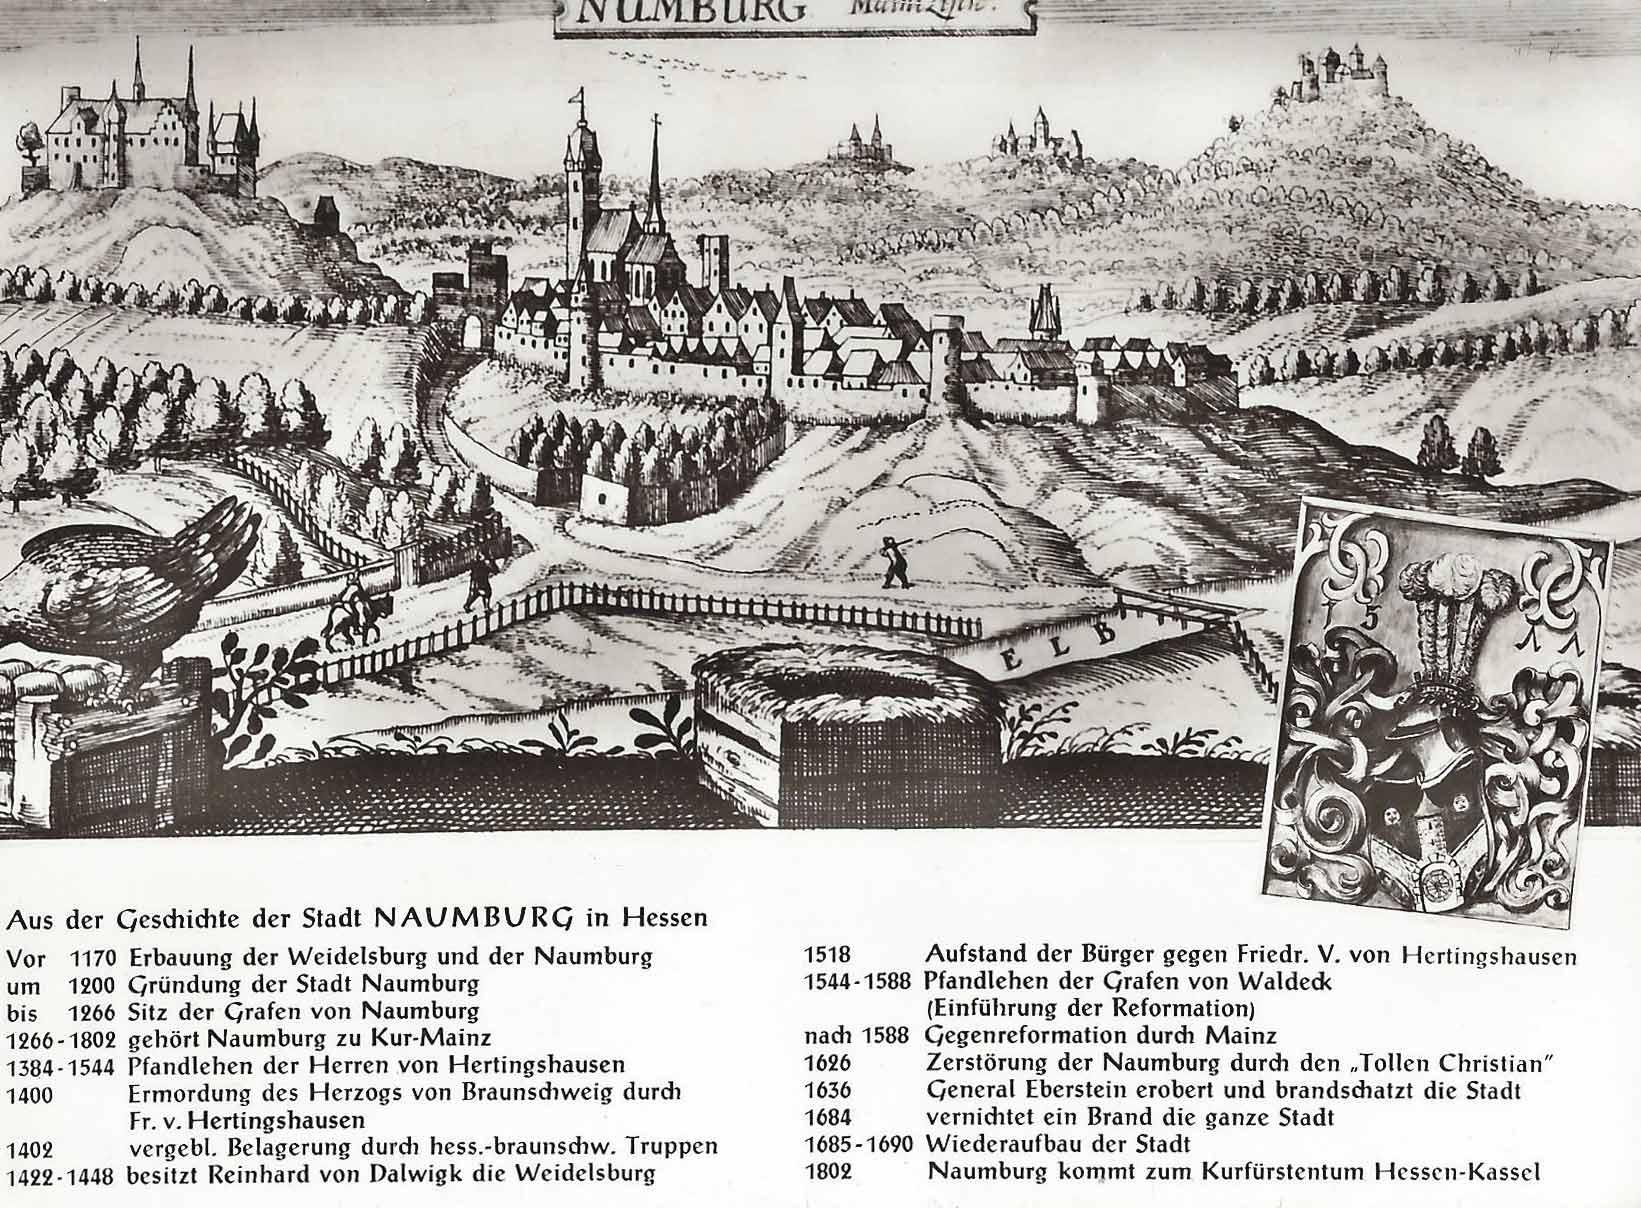 Historischer Stich von Naumburg